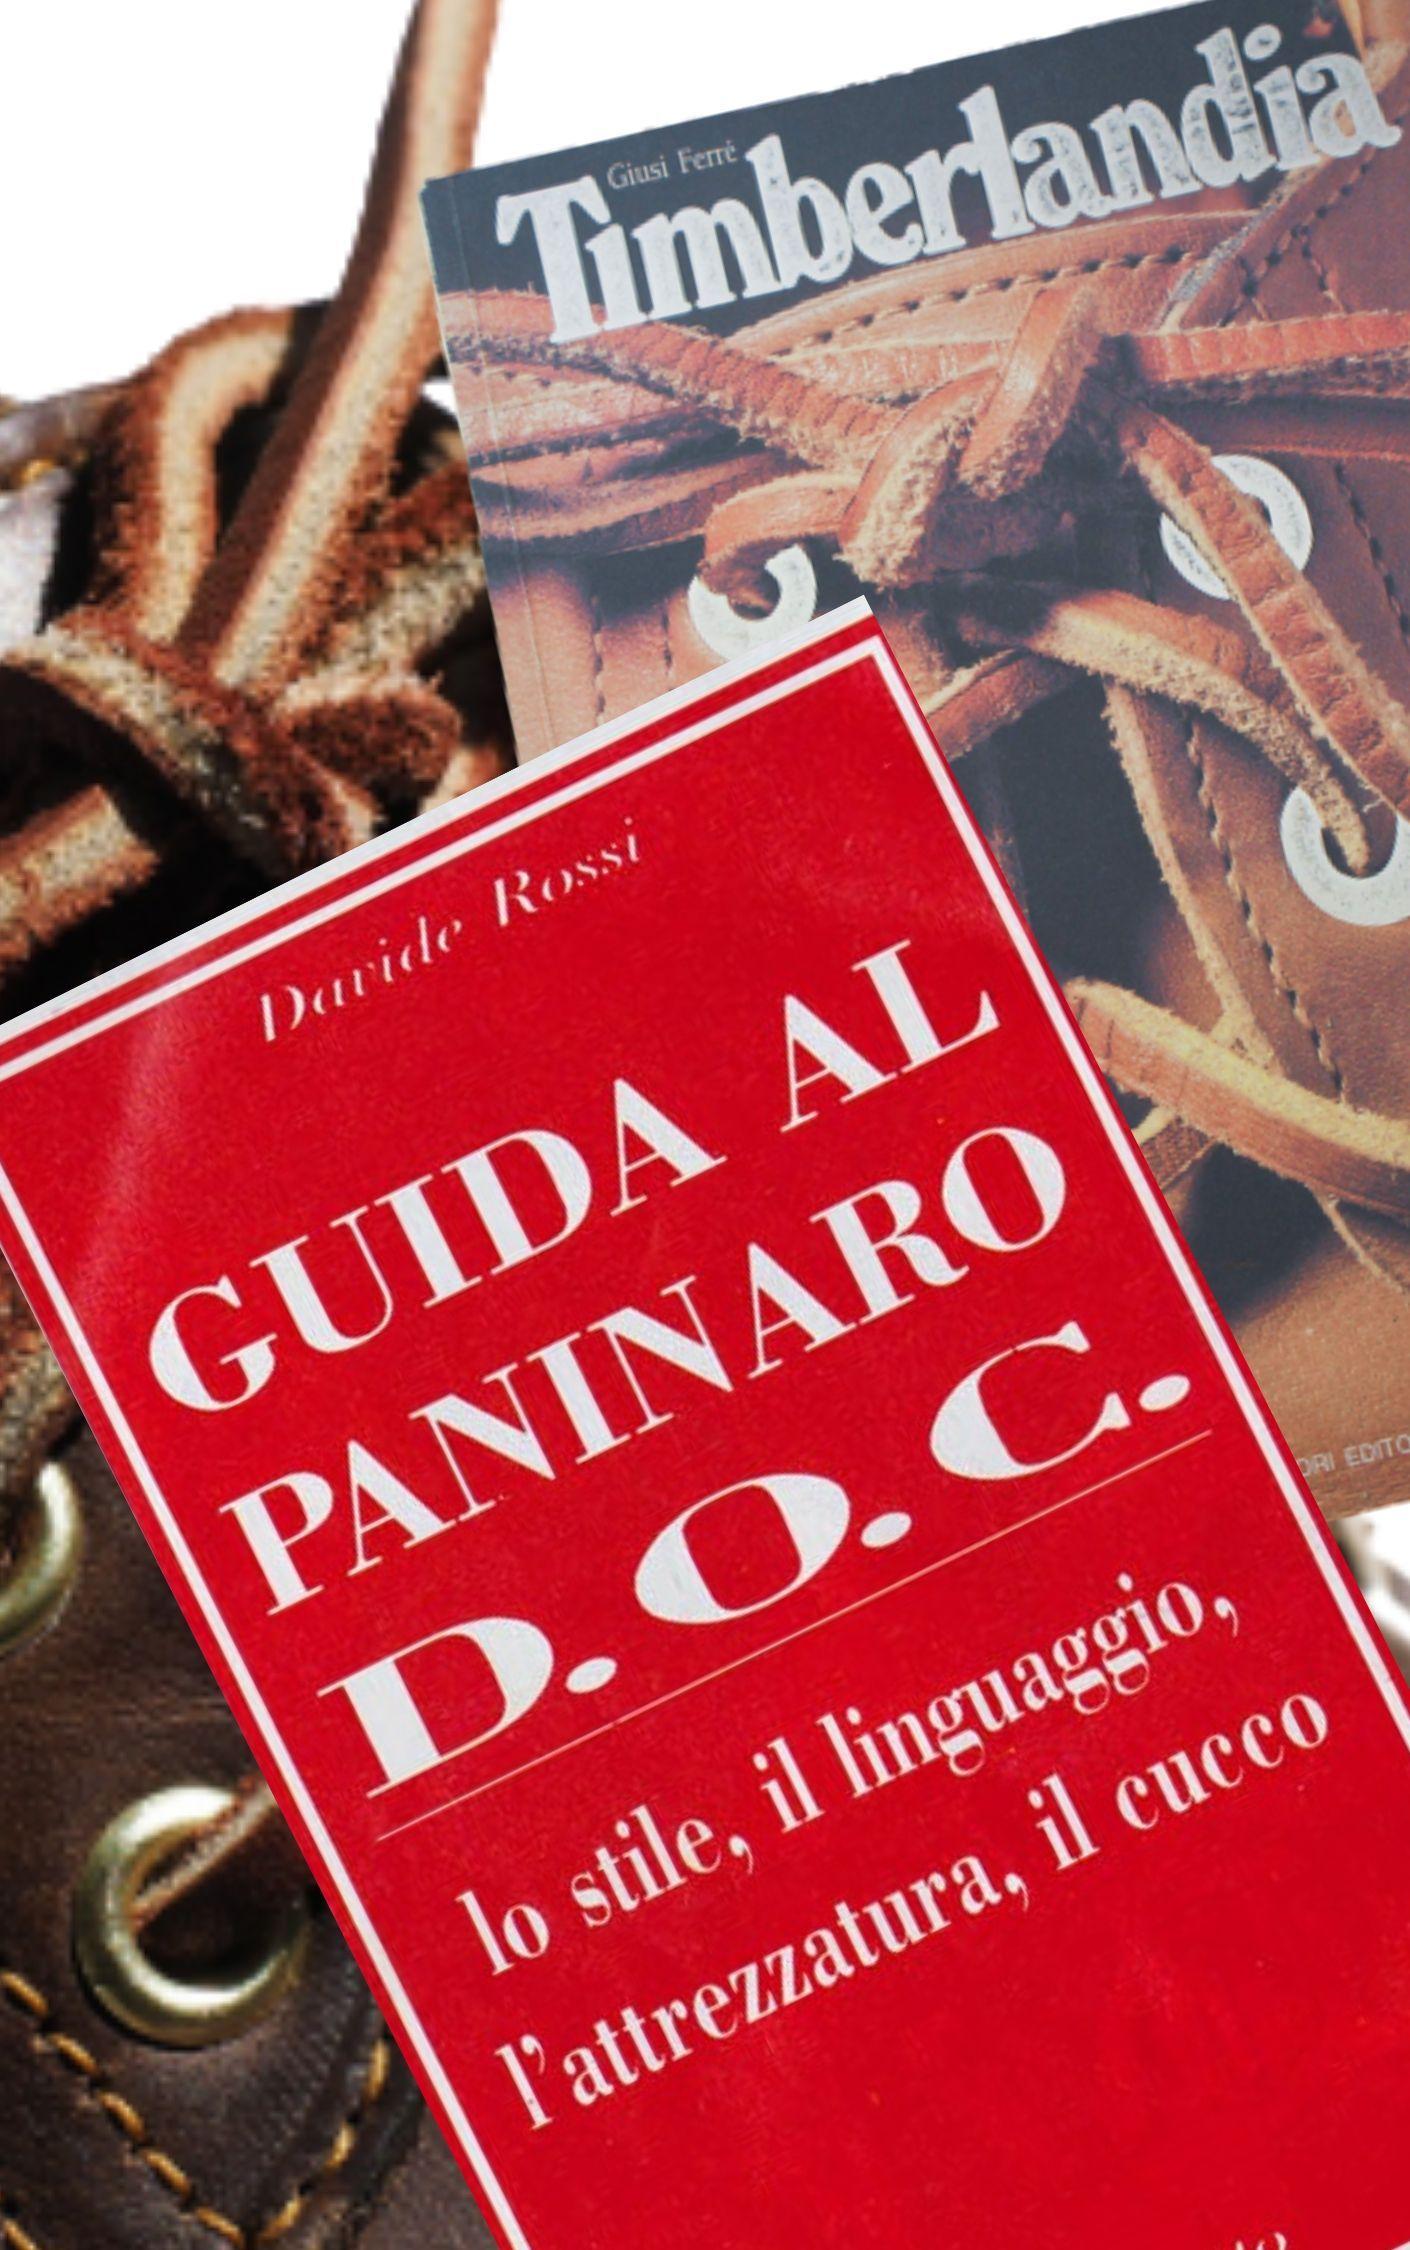 """""""Timberlandia"""" e """"Guida al paninaro D.O.C."""": parliamo un po' di anni '80!"""